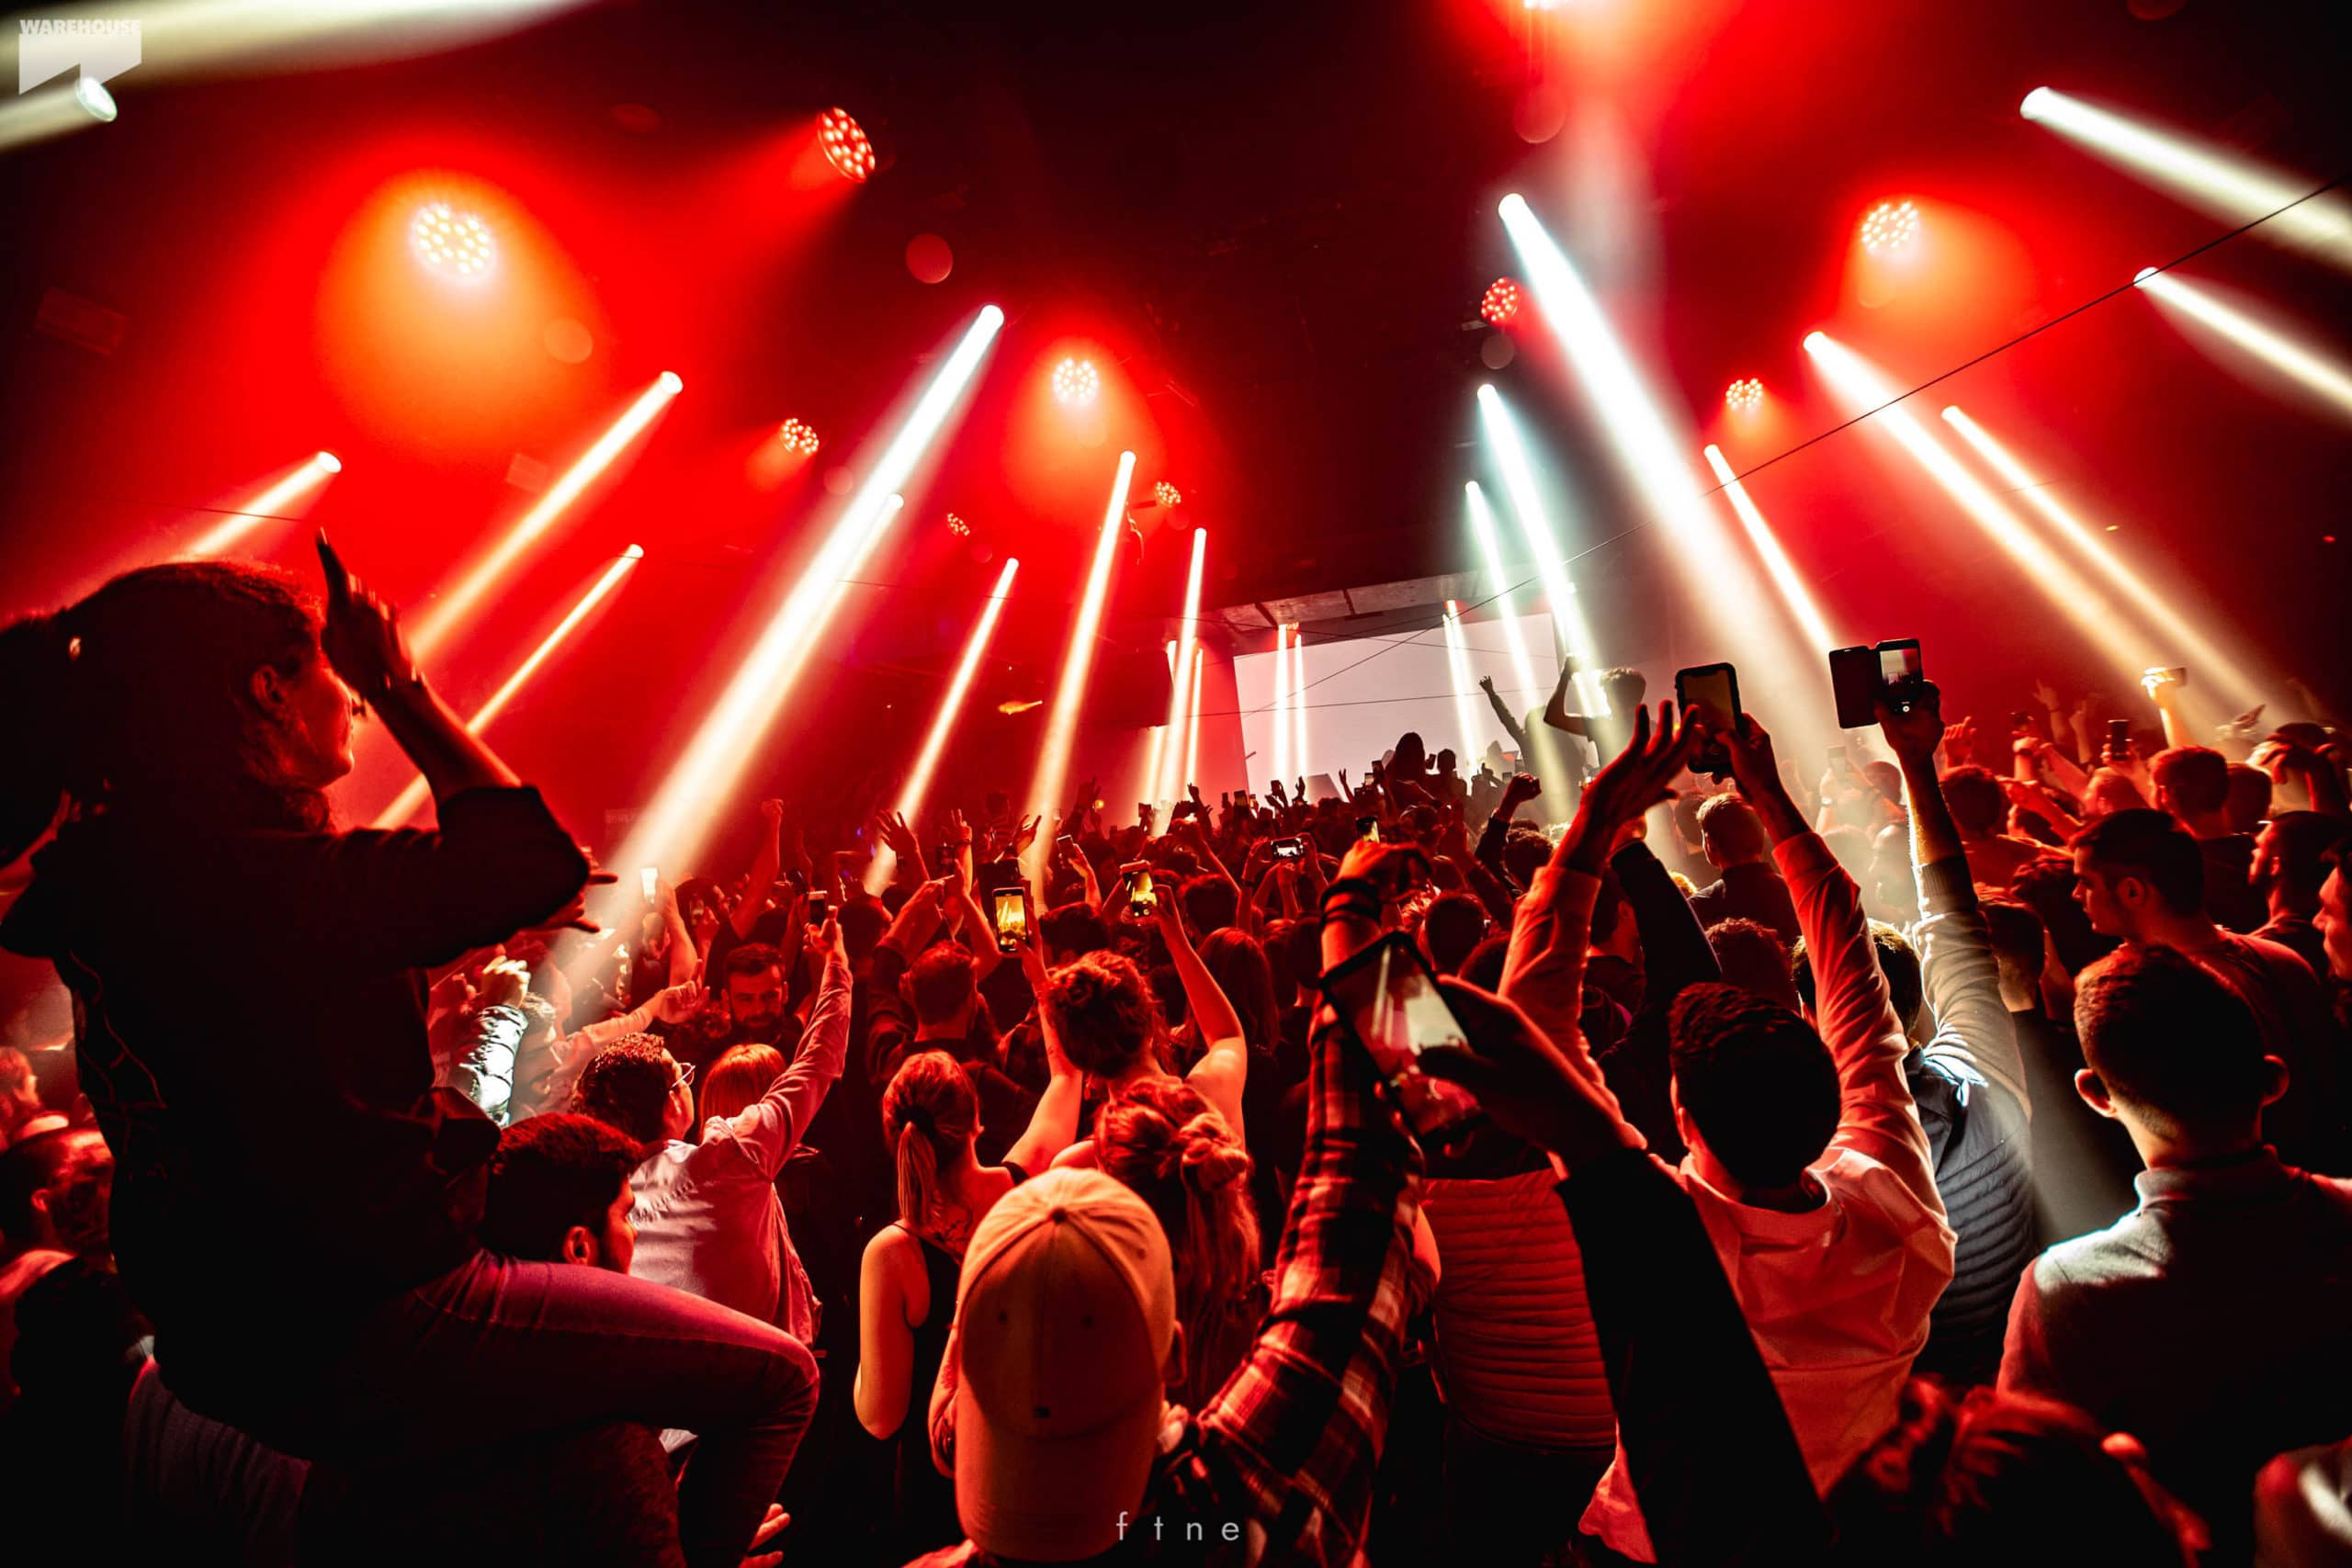 Le Warehouse de Nantes entre dans le top 100 des clubs mondiaux, selon DJ Mag